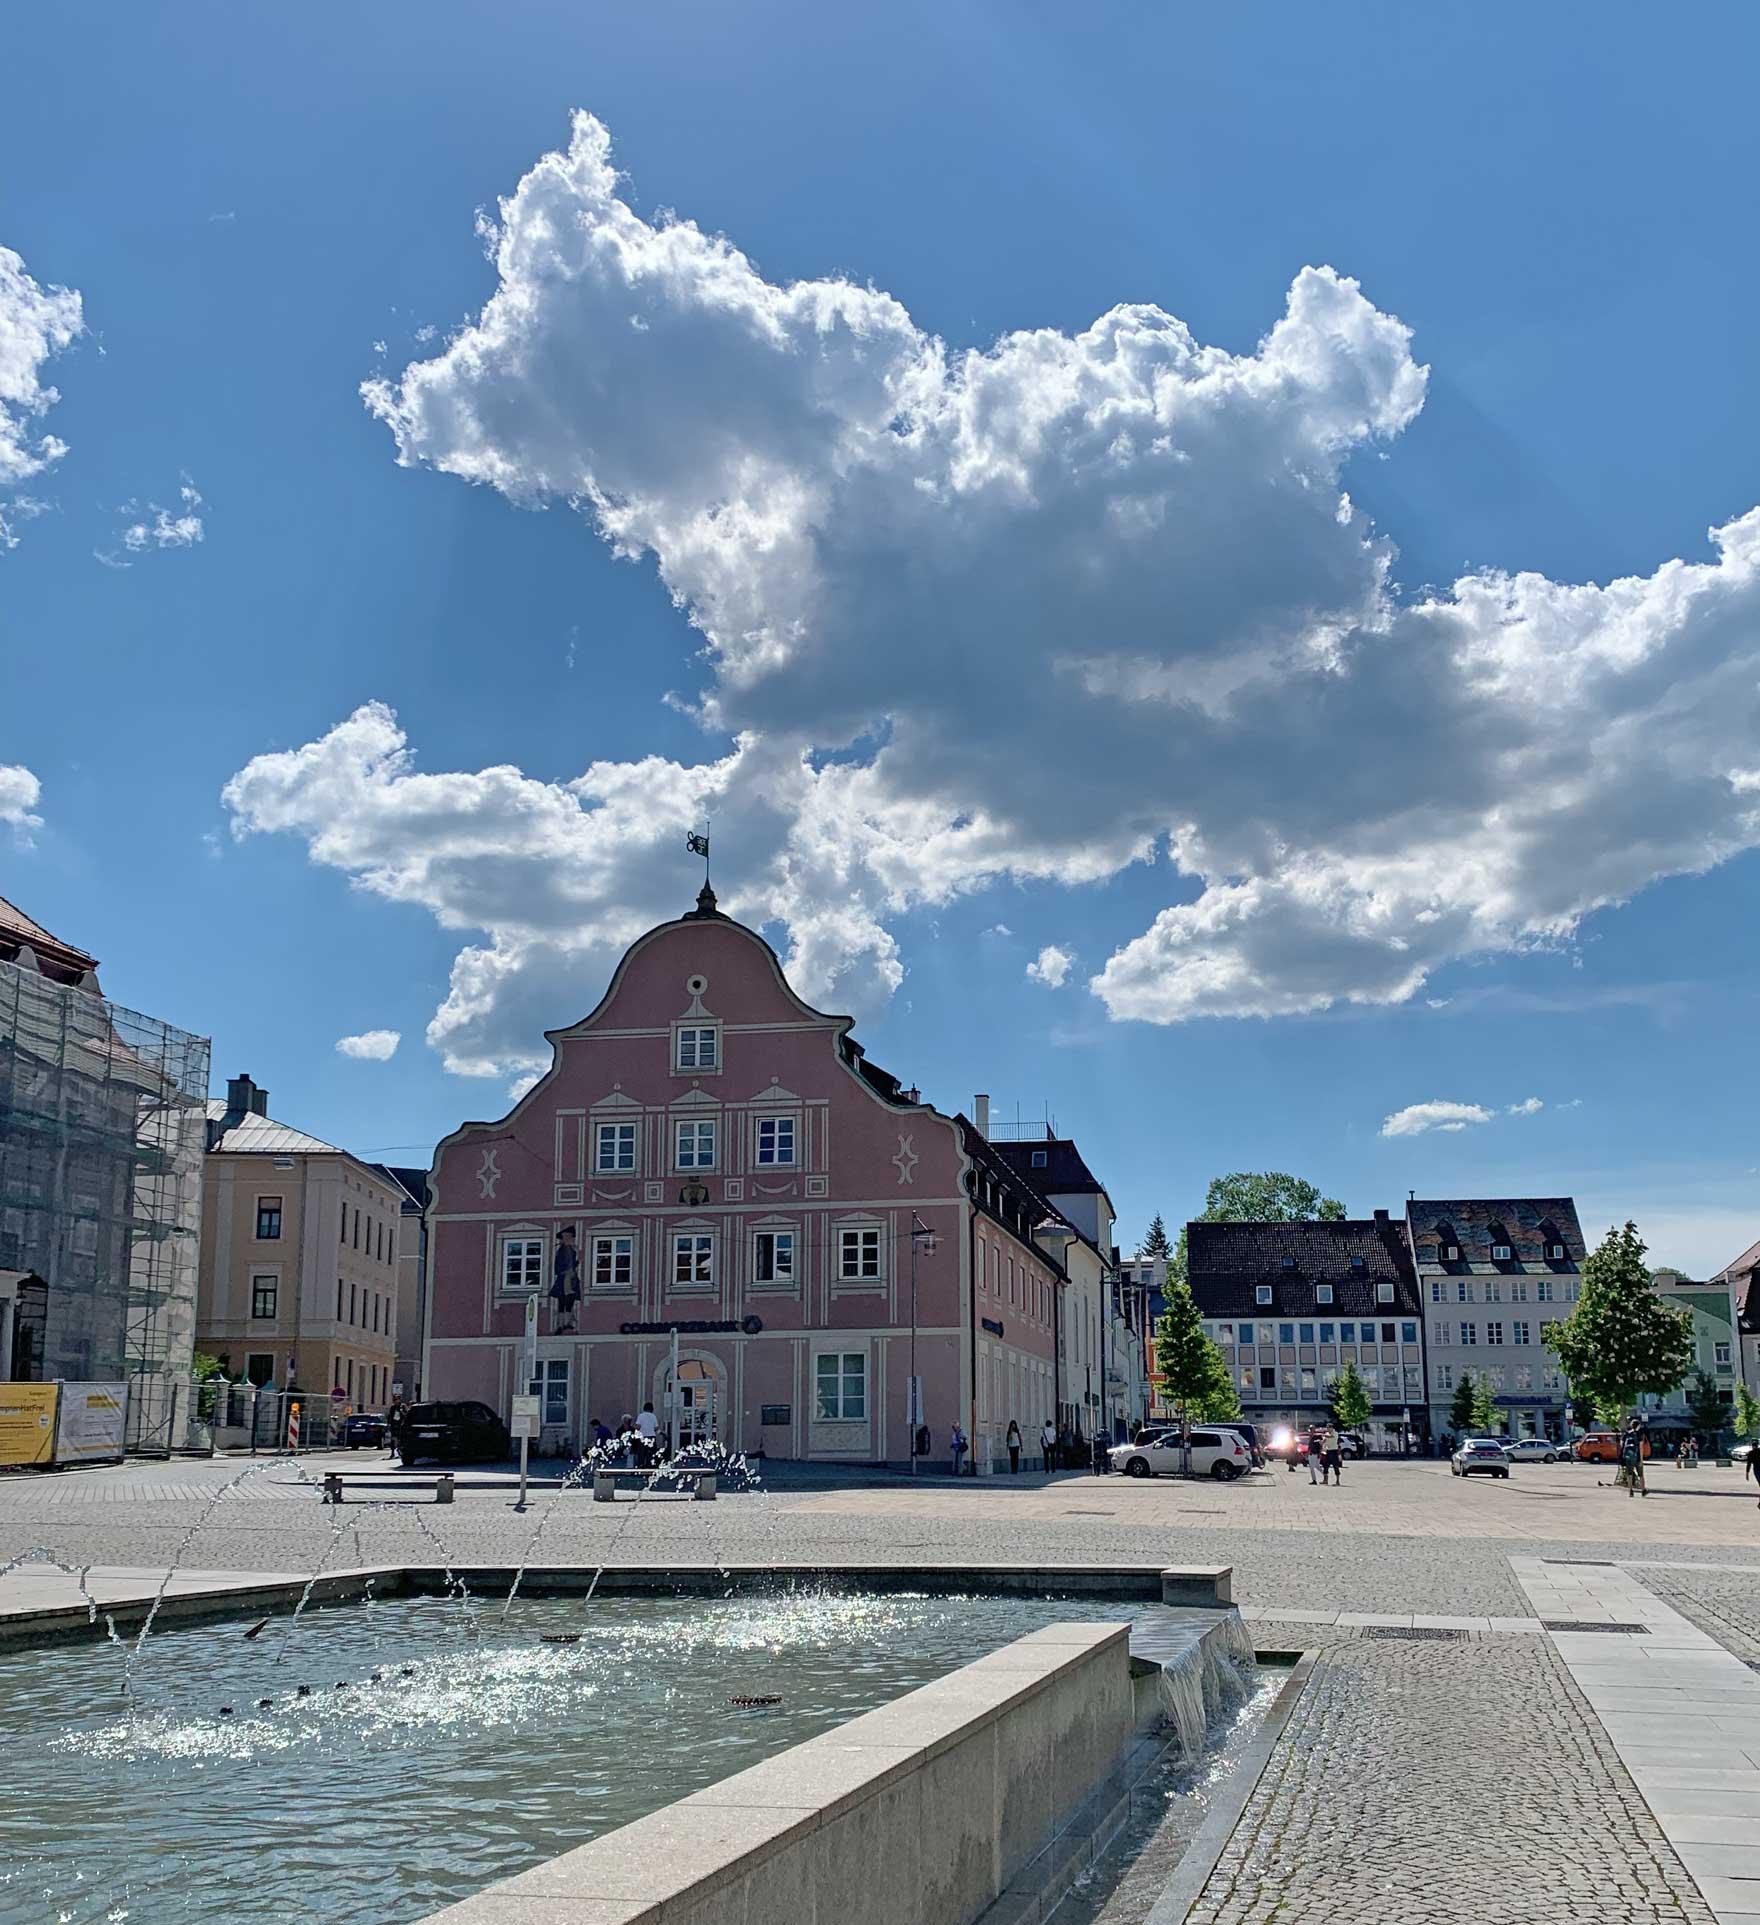 hildegardplatz-kempten-munichmountaingirls